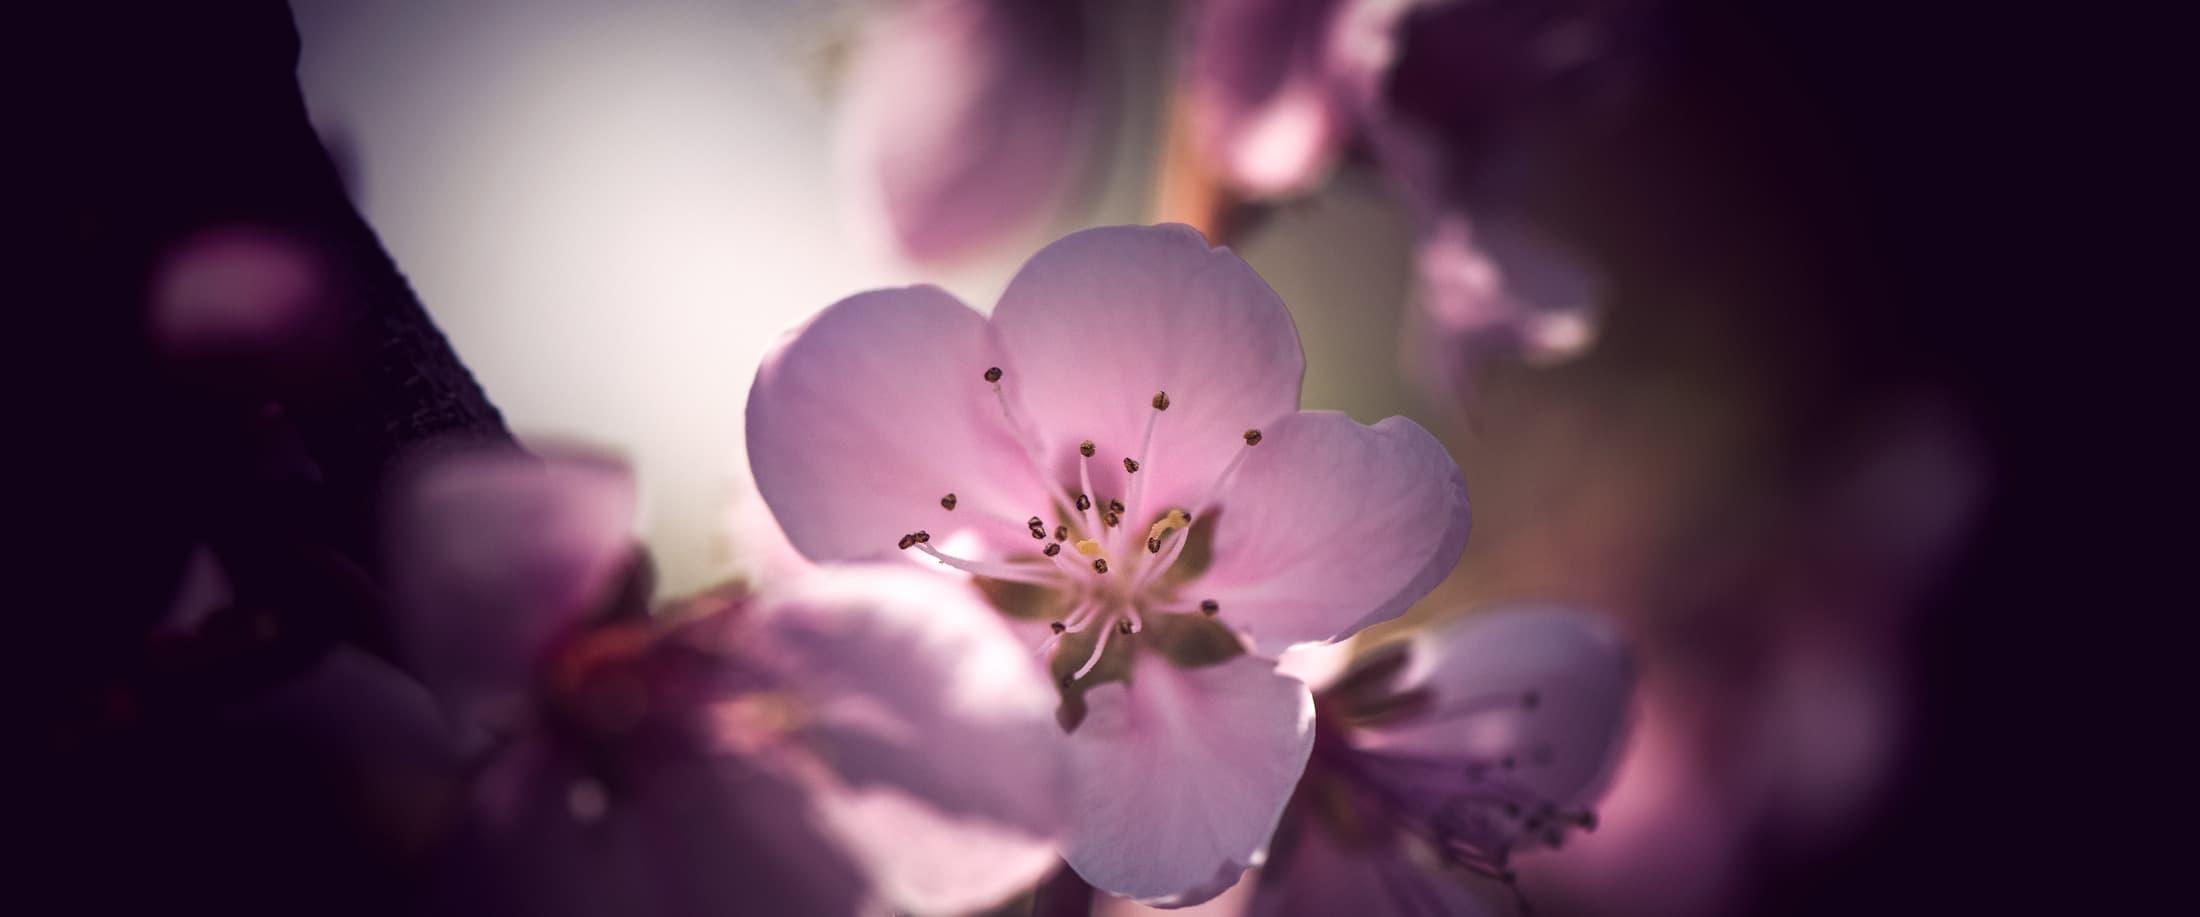 Macro de fleur de pêcher au printemps